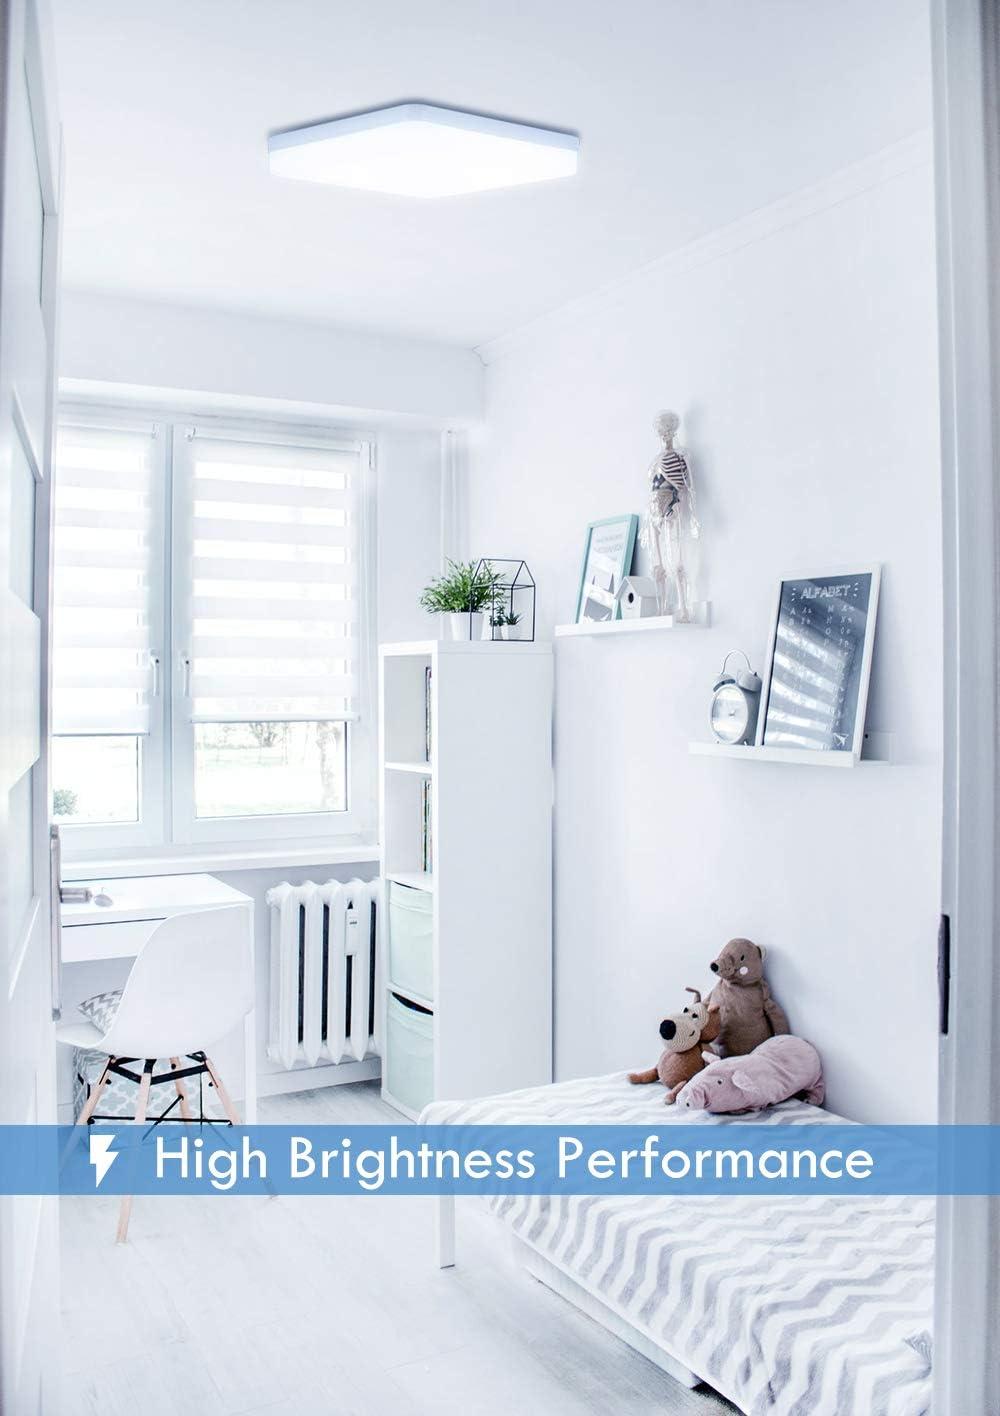 Yafido LED Deckenleuchte 36W 3240LM Warmweiss Moderne Quadratische Deckenlampe F/ür K/üche Schlafzimmer Wohnzimmer Esszimmer Balkon